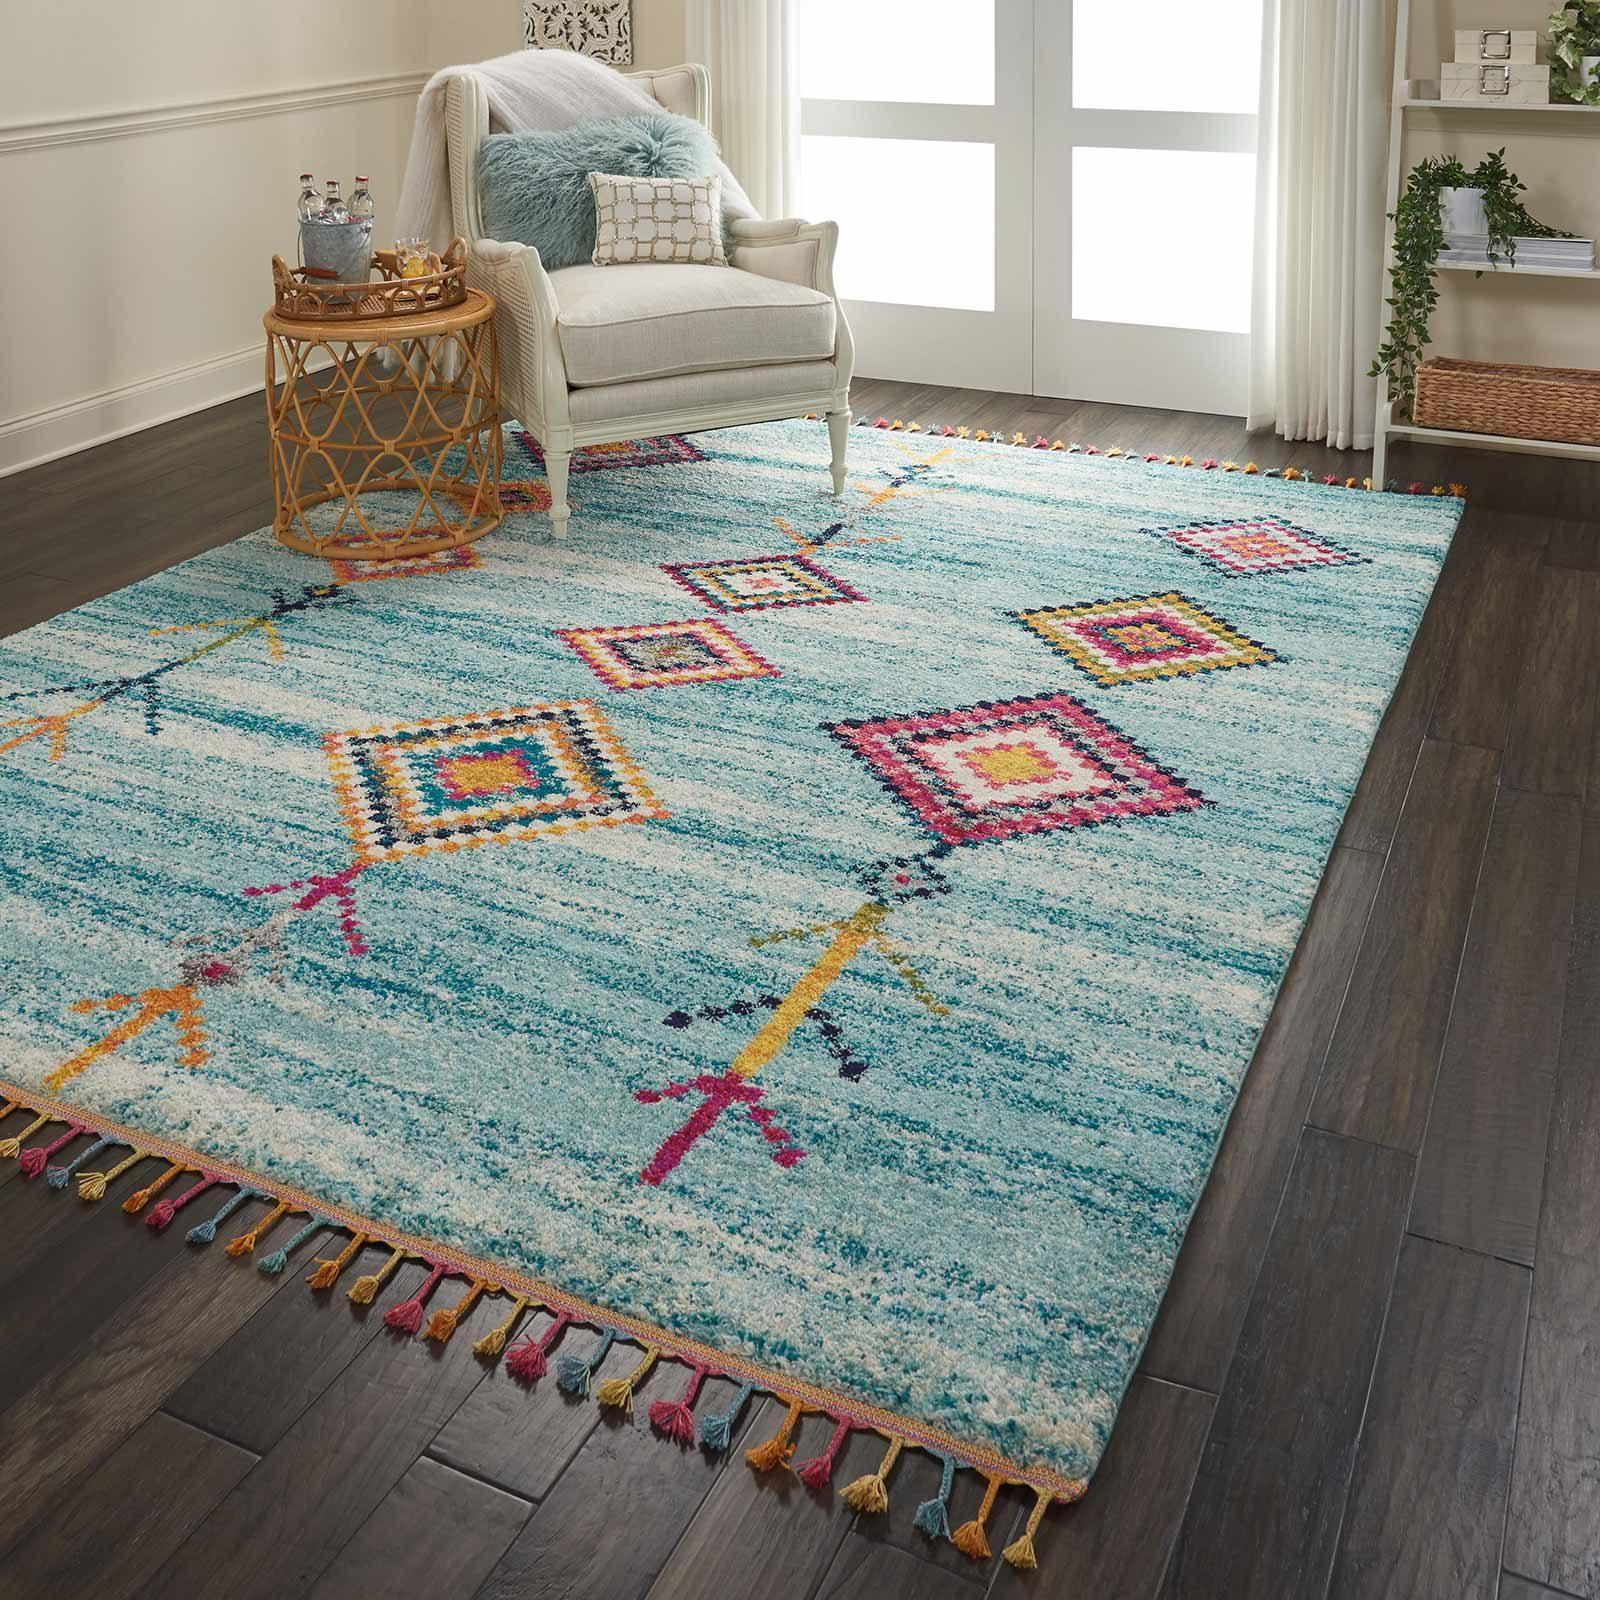 Andessi tapijt Nomad NMD04 AQUA 8x11 099446461506 interior 3